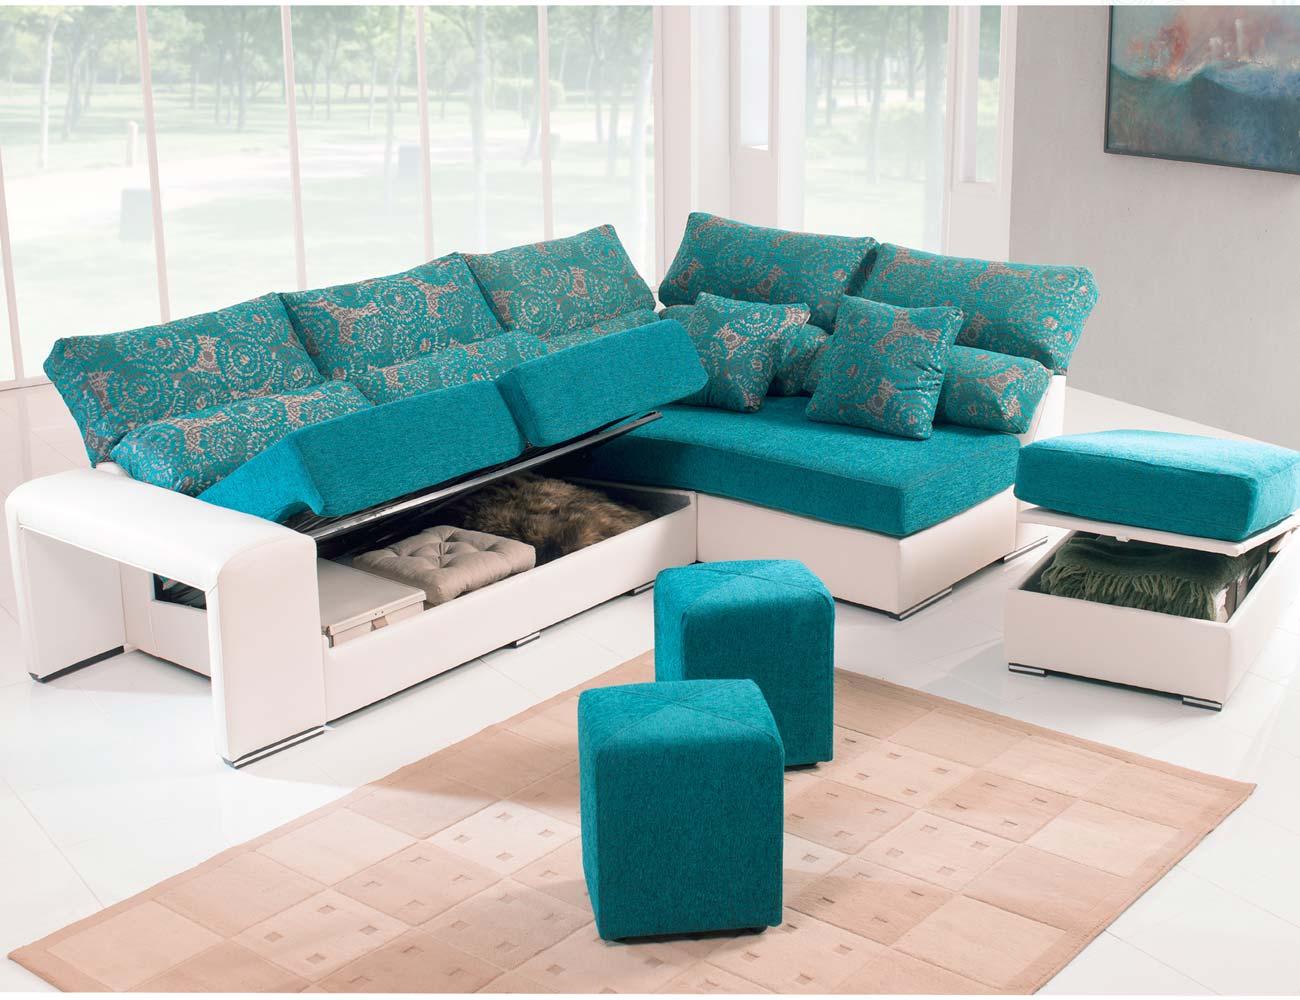 Sofa chaiselongue rincon puff arcon taburete15